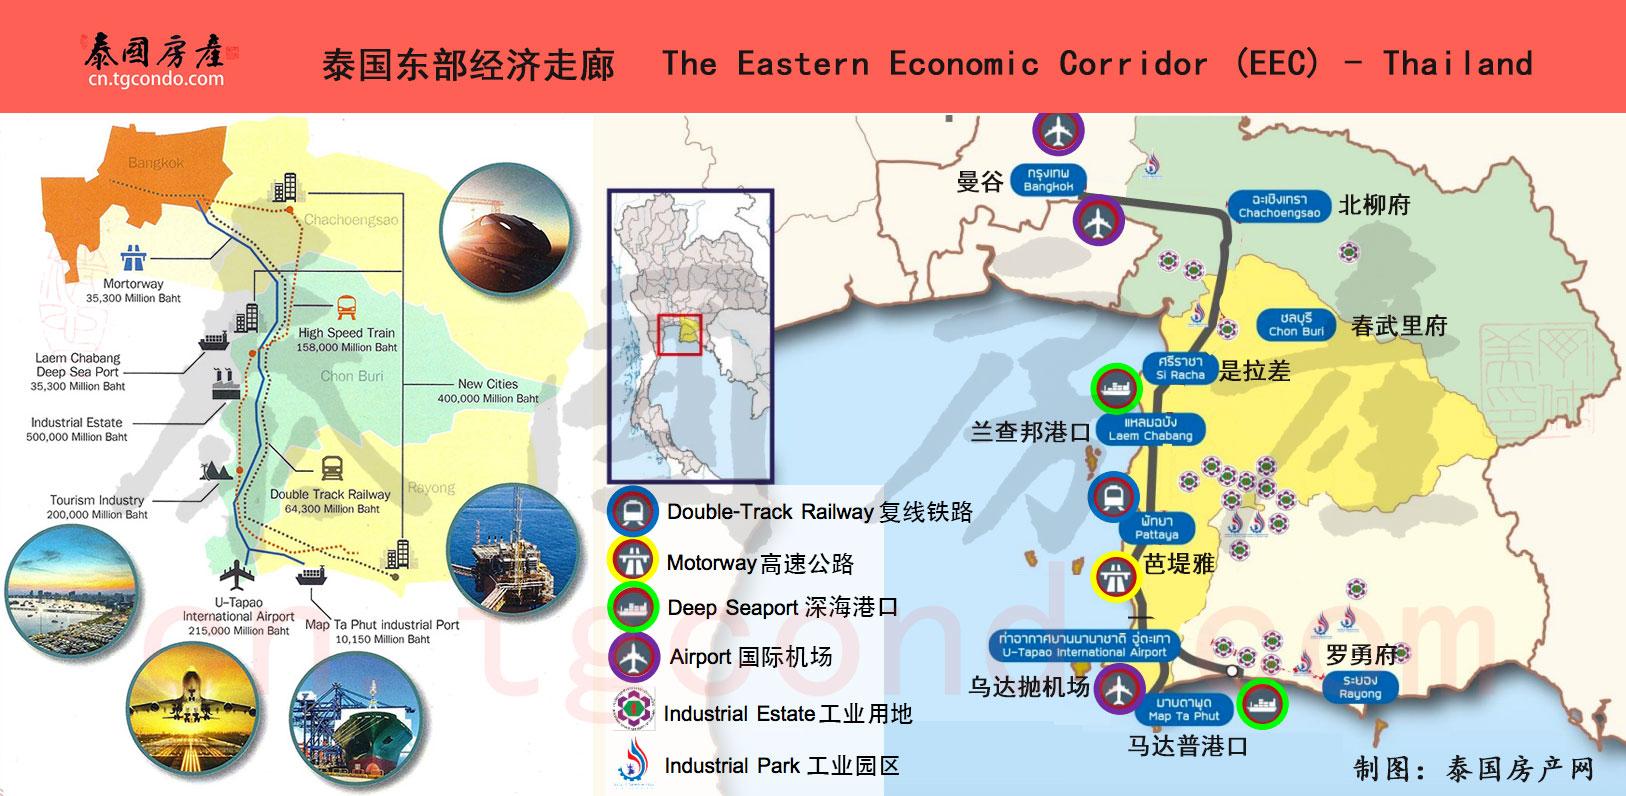 泰国东部经济走廊 EEC 发展规划